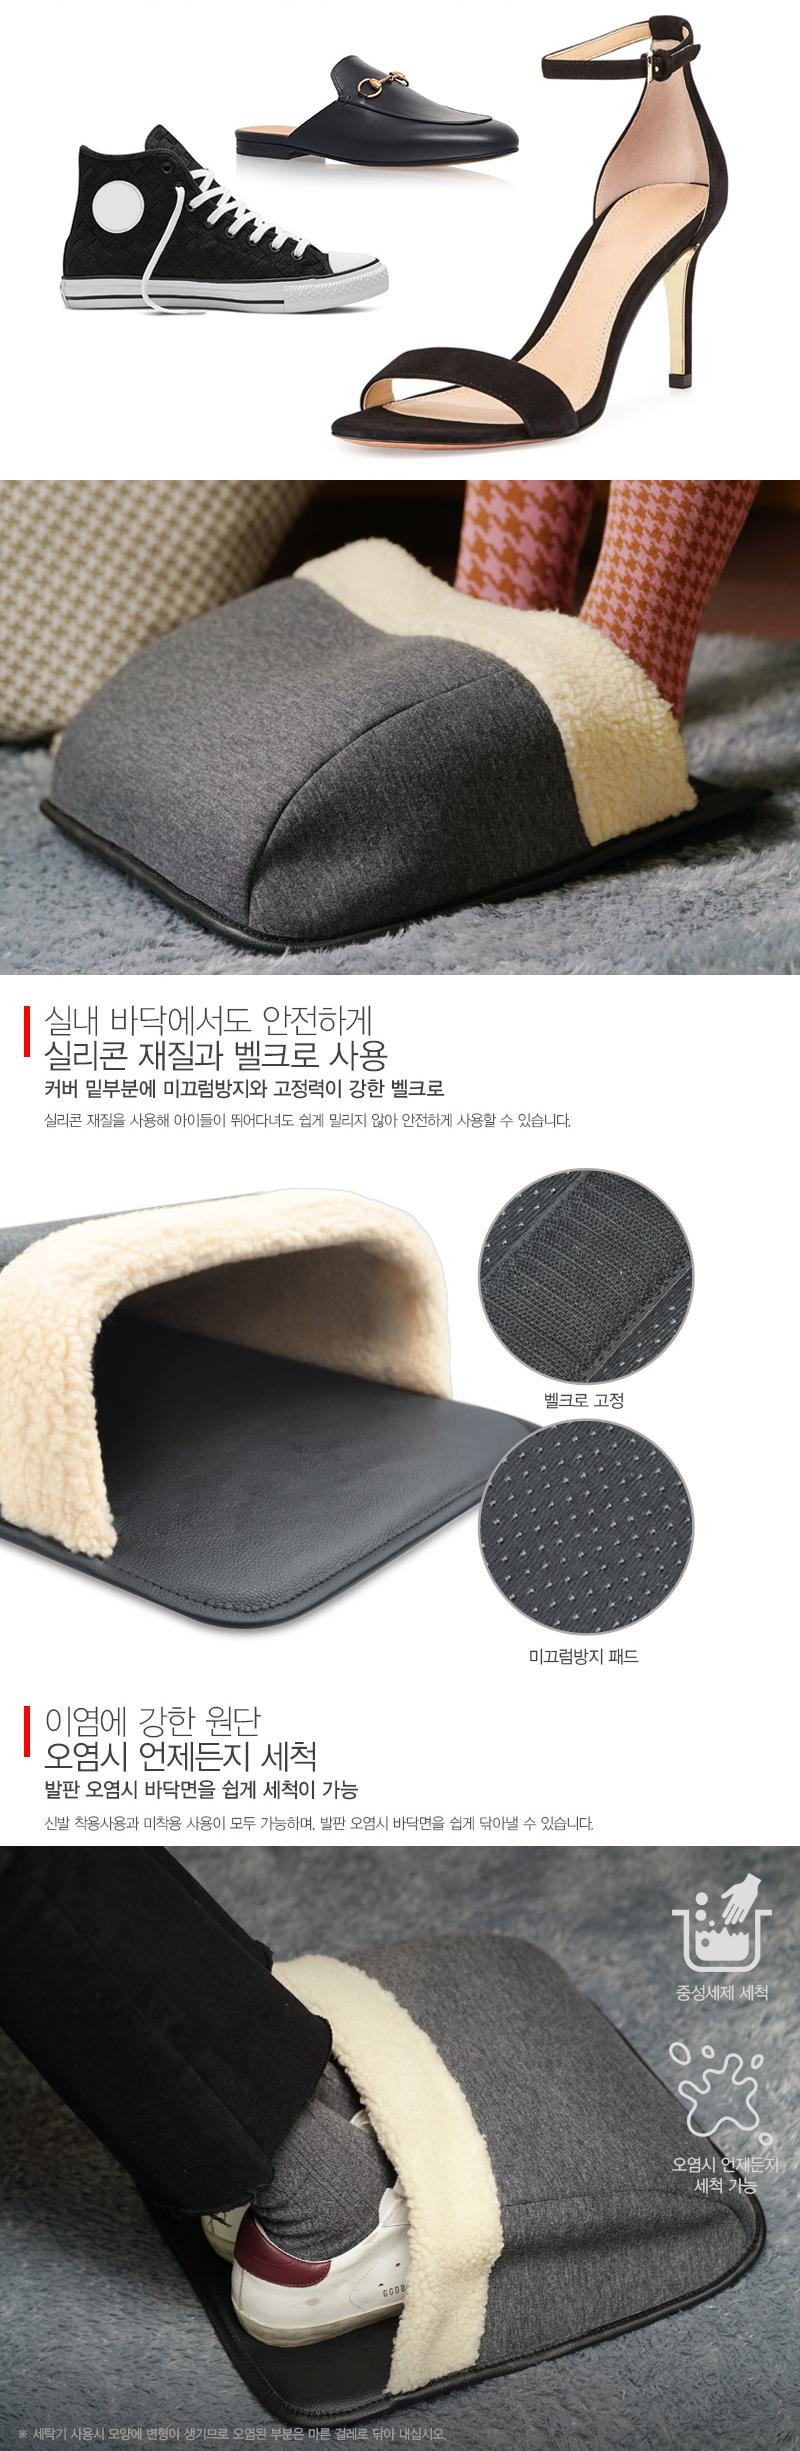 코지 따뜻한 발커버 풋워머 - 훠링, 20,000원, USB 계절가전, 방한용품